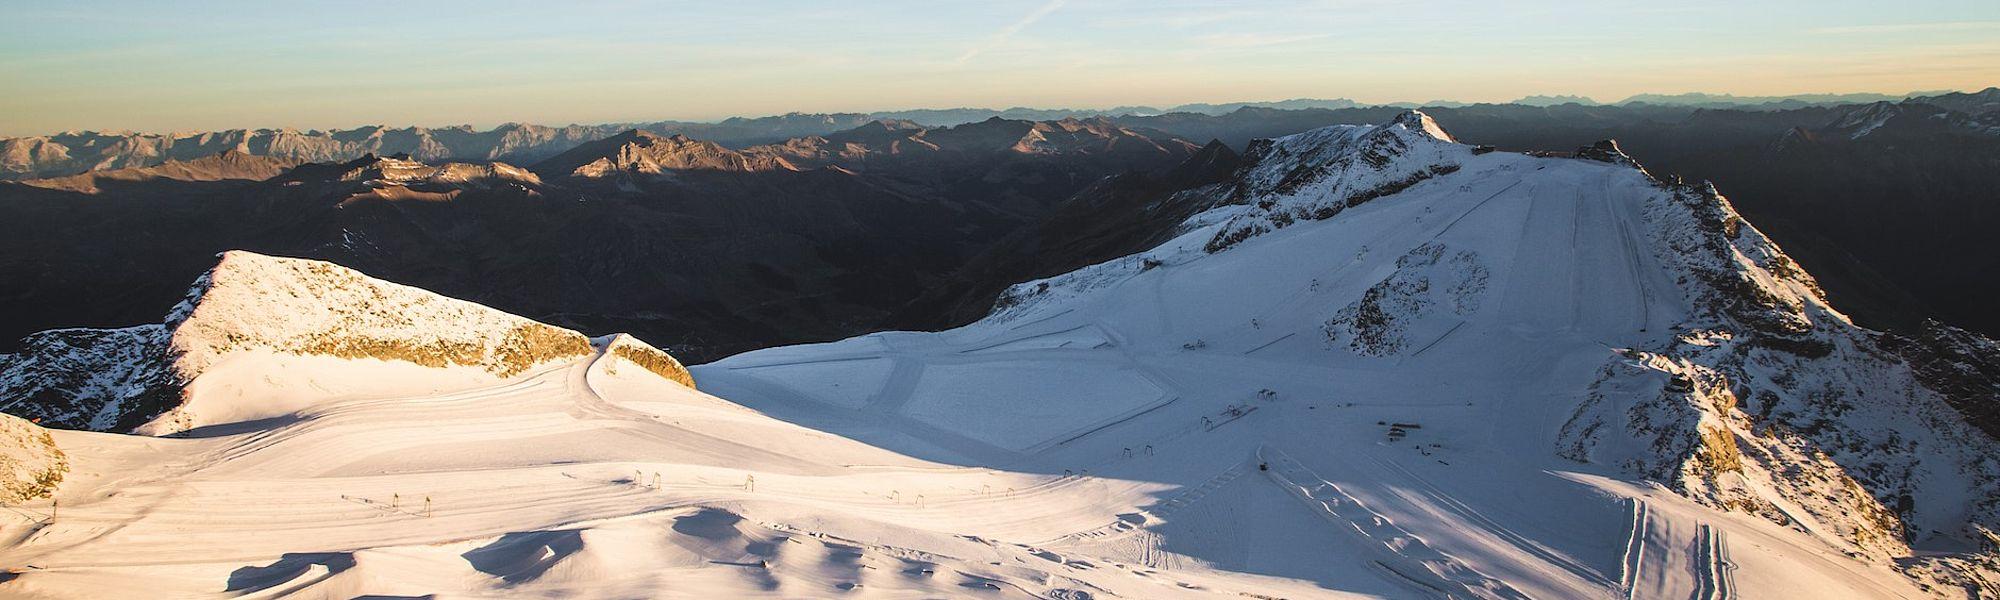 Skiing - Hintertux Glacier